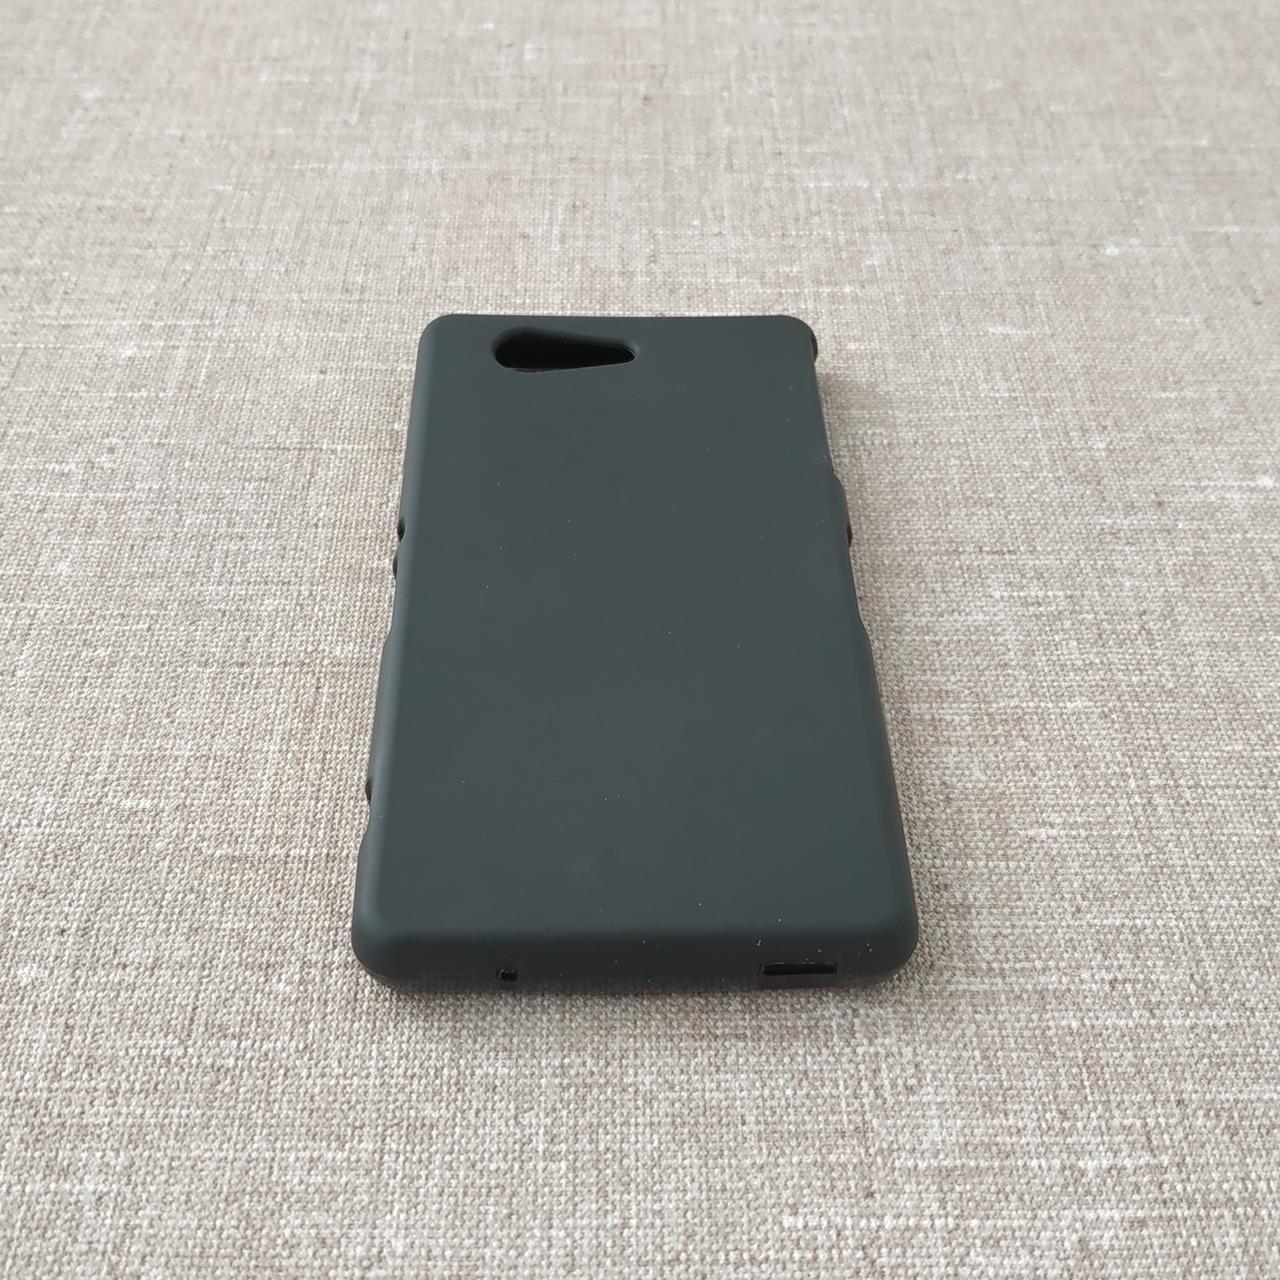 Чехлы для SONY Silicon Sony Xperia Z3 mini black